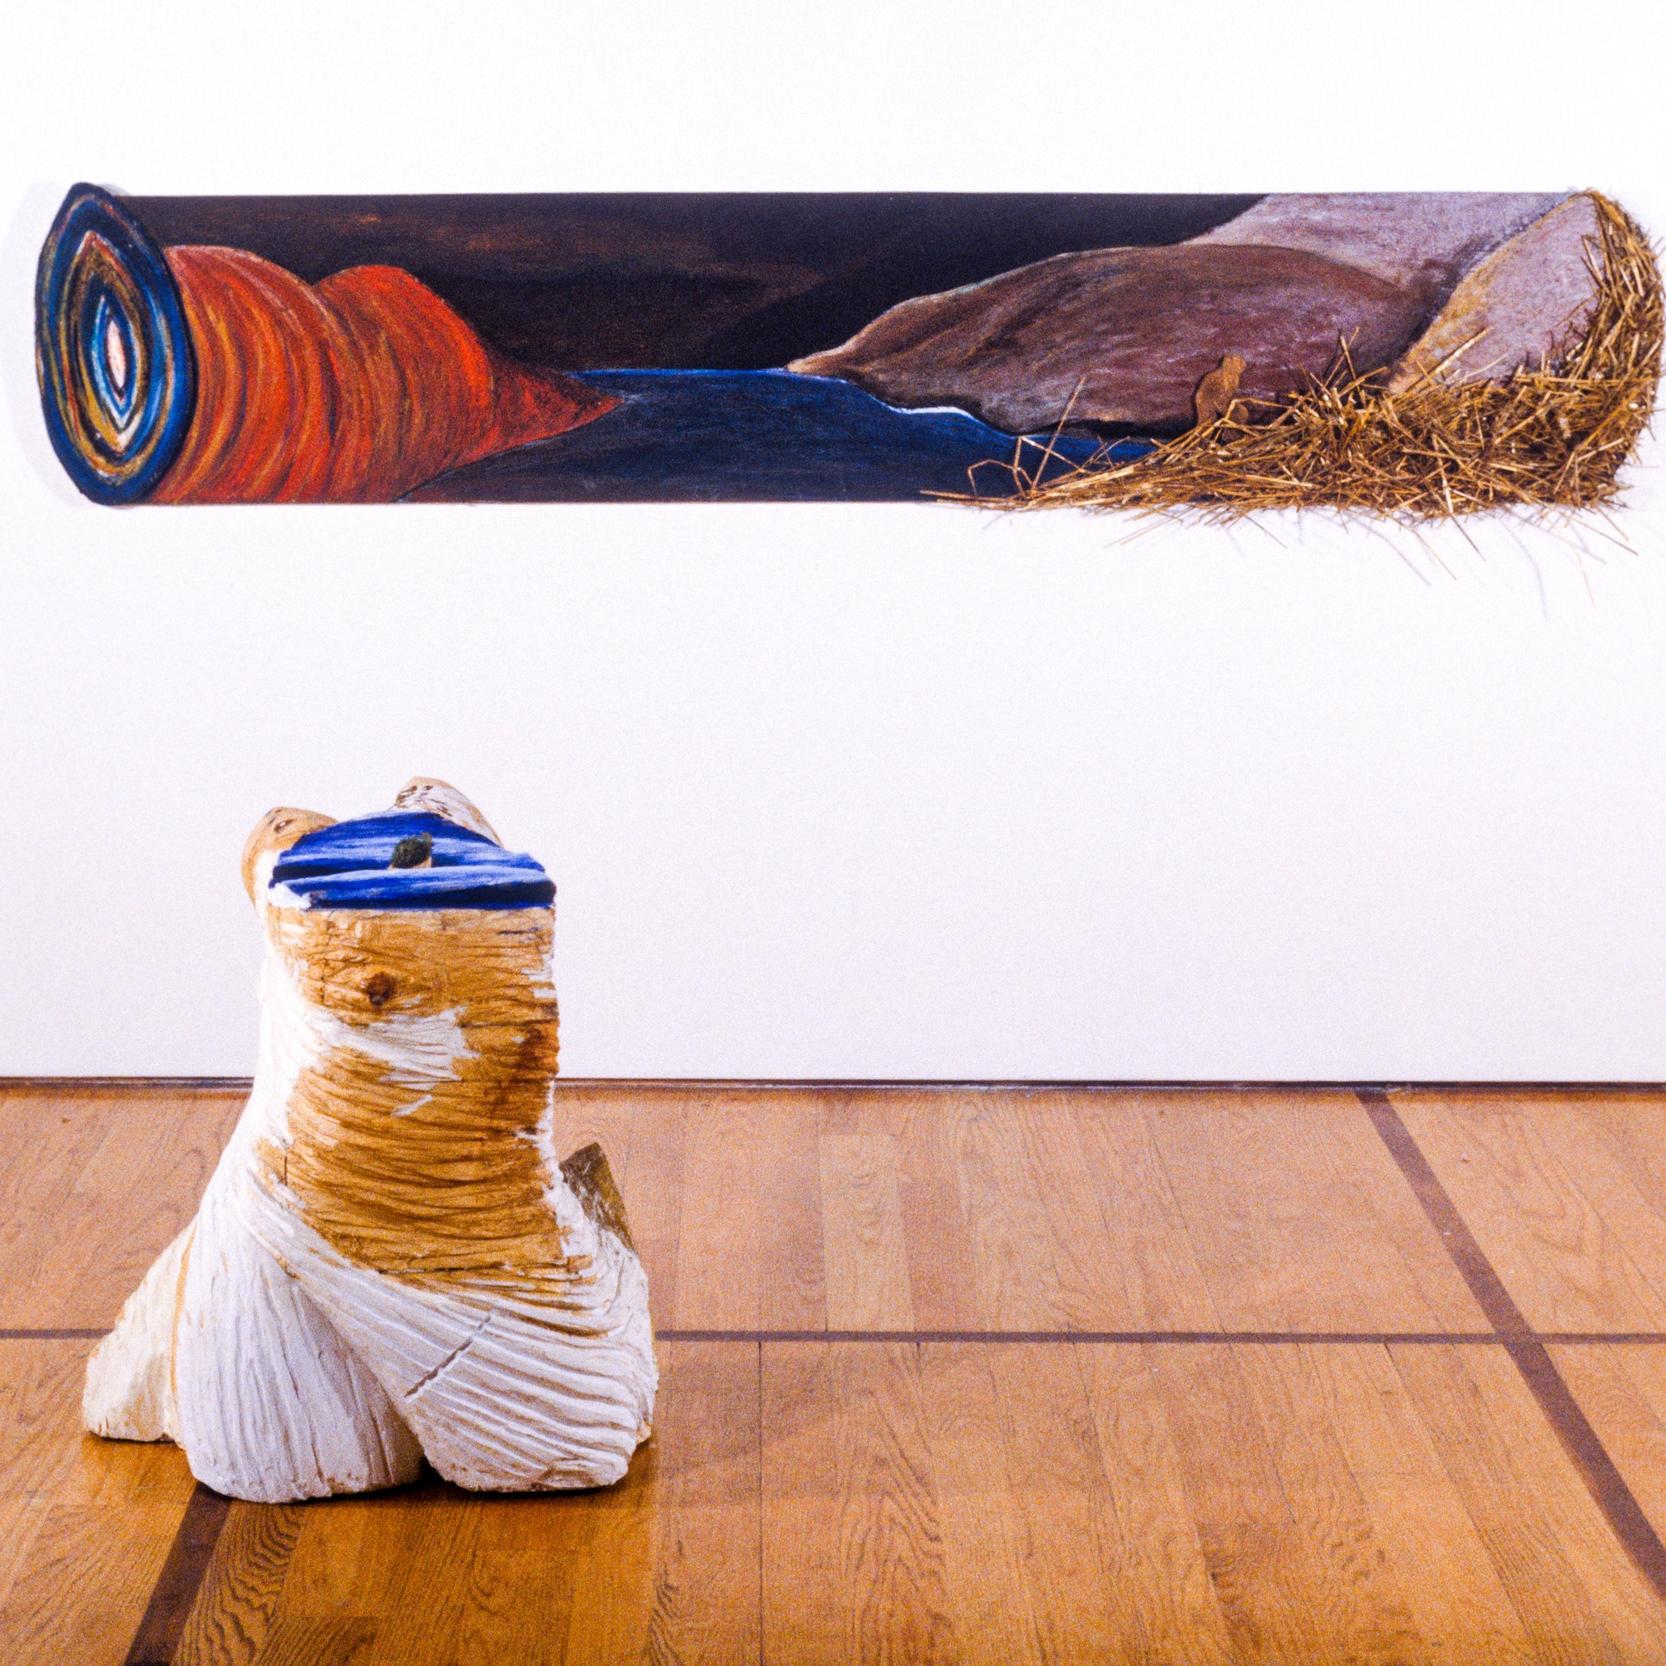 Billot #1 &Vénus de billot  |Collection Prêt d'oeuvres d'art du Musée national des beaux-arts du Québec,Collection Banque d'oeuvres d'art du Conseil des Arts, Ottawa|